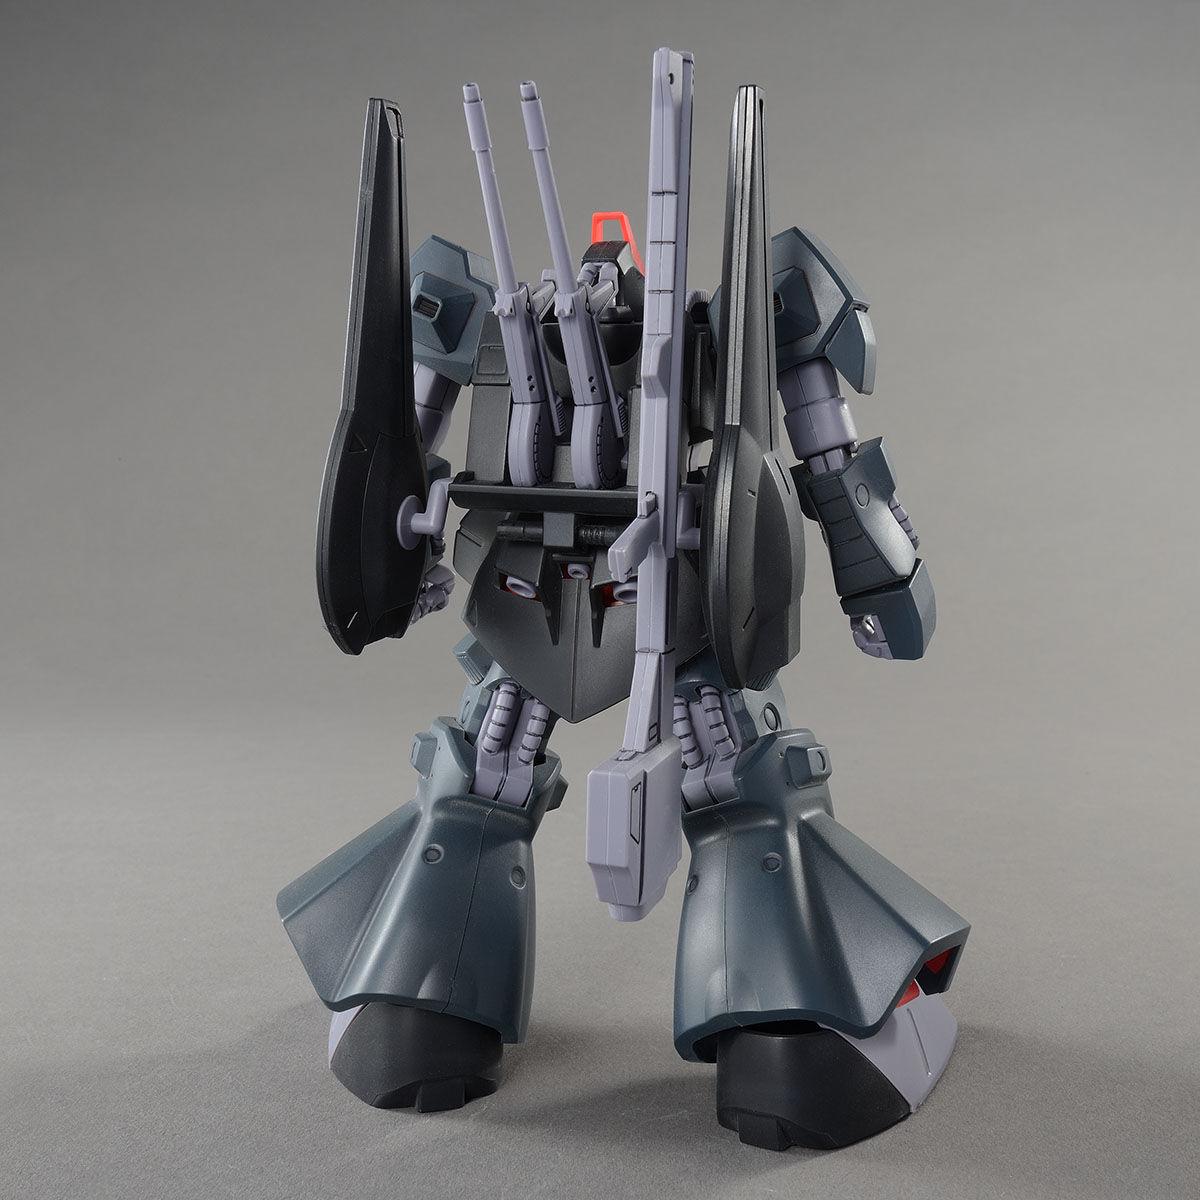 【限定販売】HG 1/144『リック・ディアス』機動戦士Zガンダム プラモデル-003